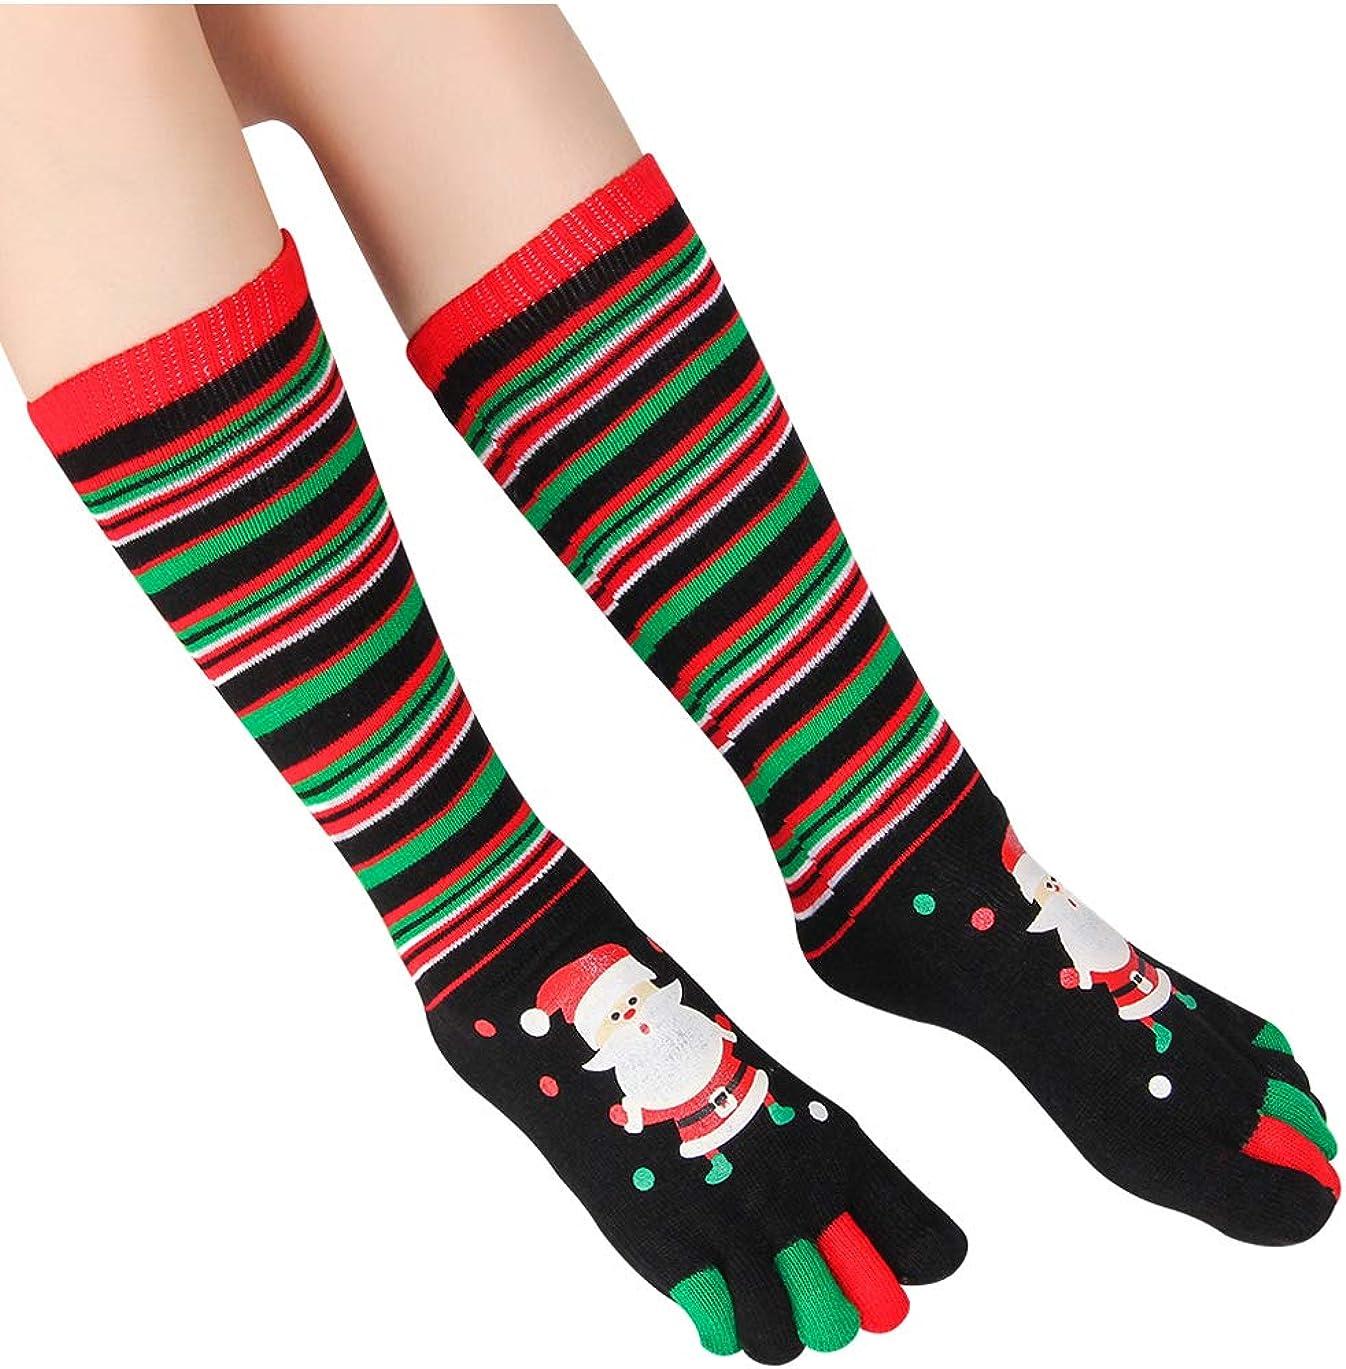 ShowPlus Max 40% OFF Christmas Socks Toe Girls for Ranking TOP2 Women